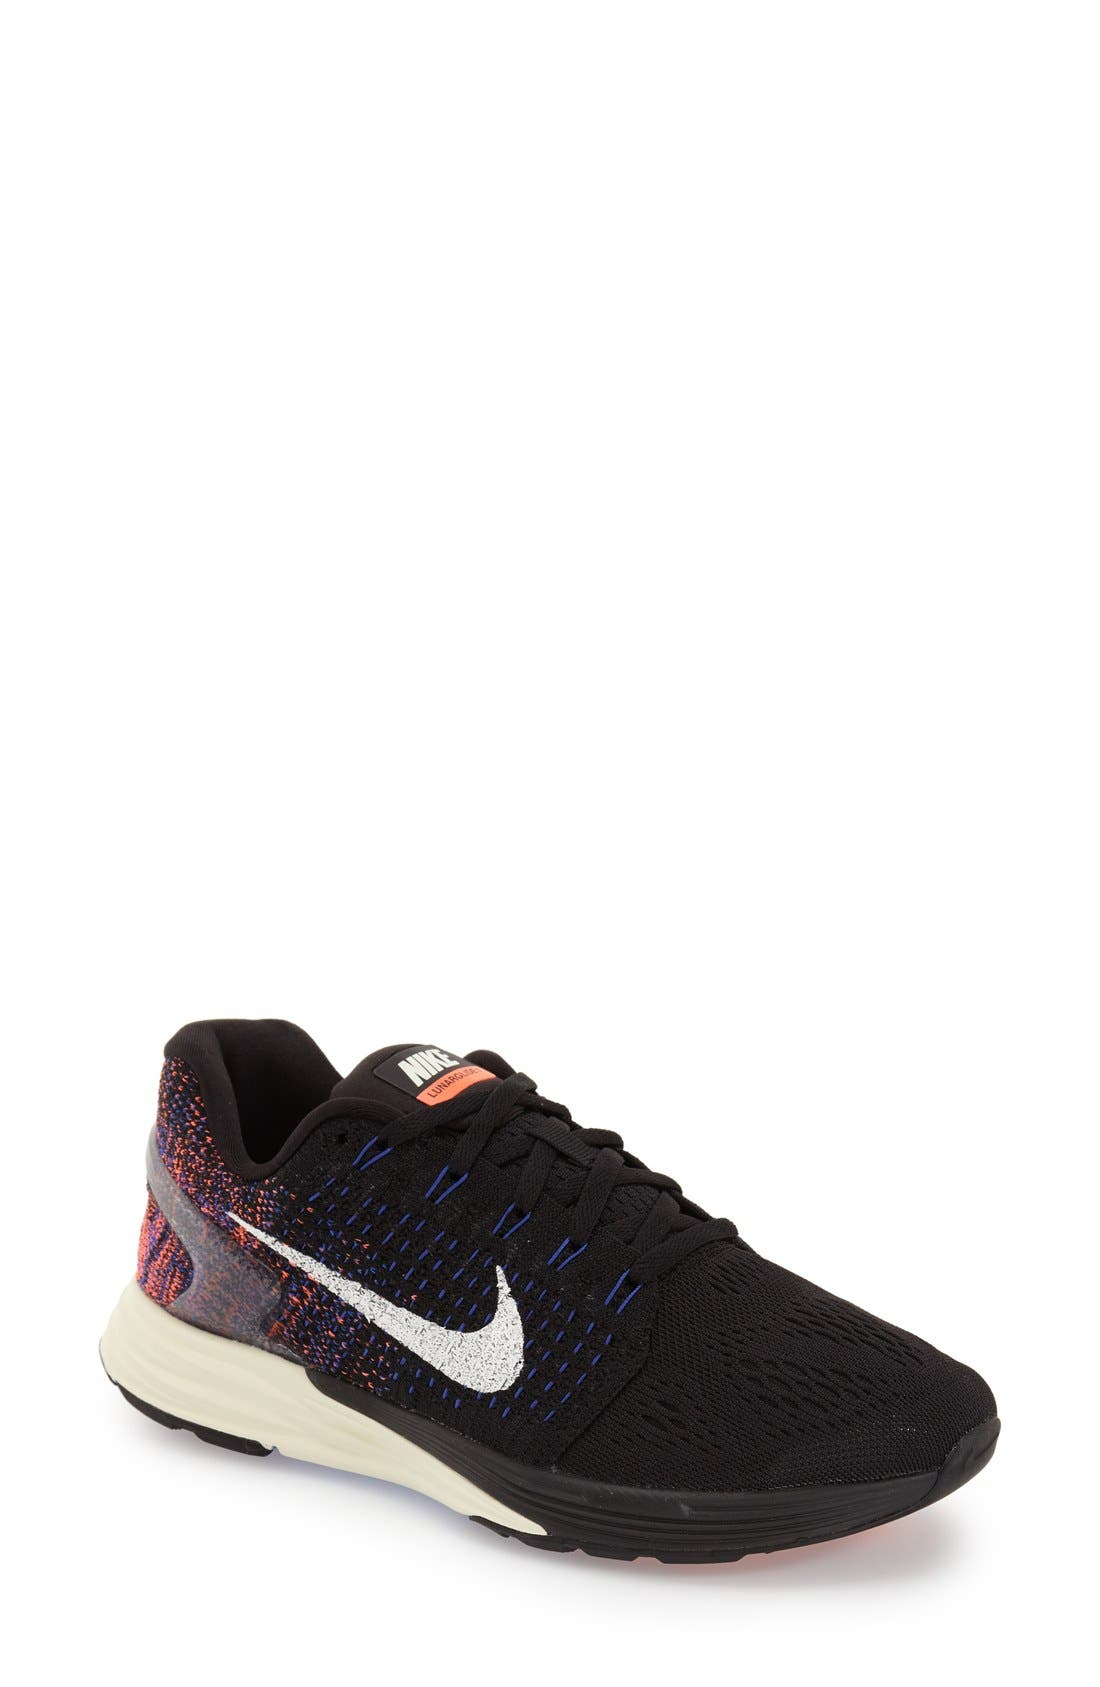 Main Image - Nike 'LunarGlide 7' Running Shoe (Women)